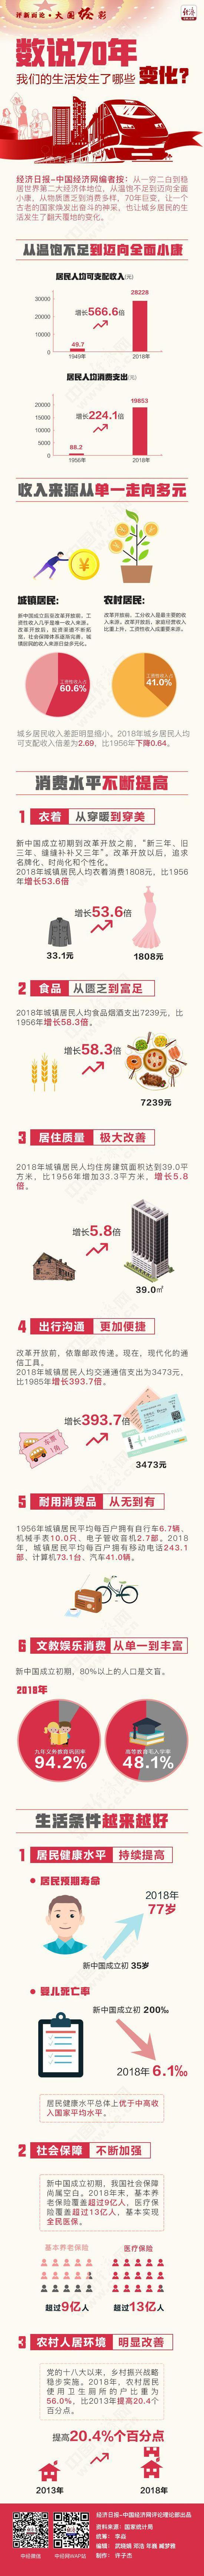 汇丰:港华燃气目标价降至5.8港元 维持持有评级